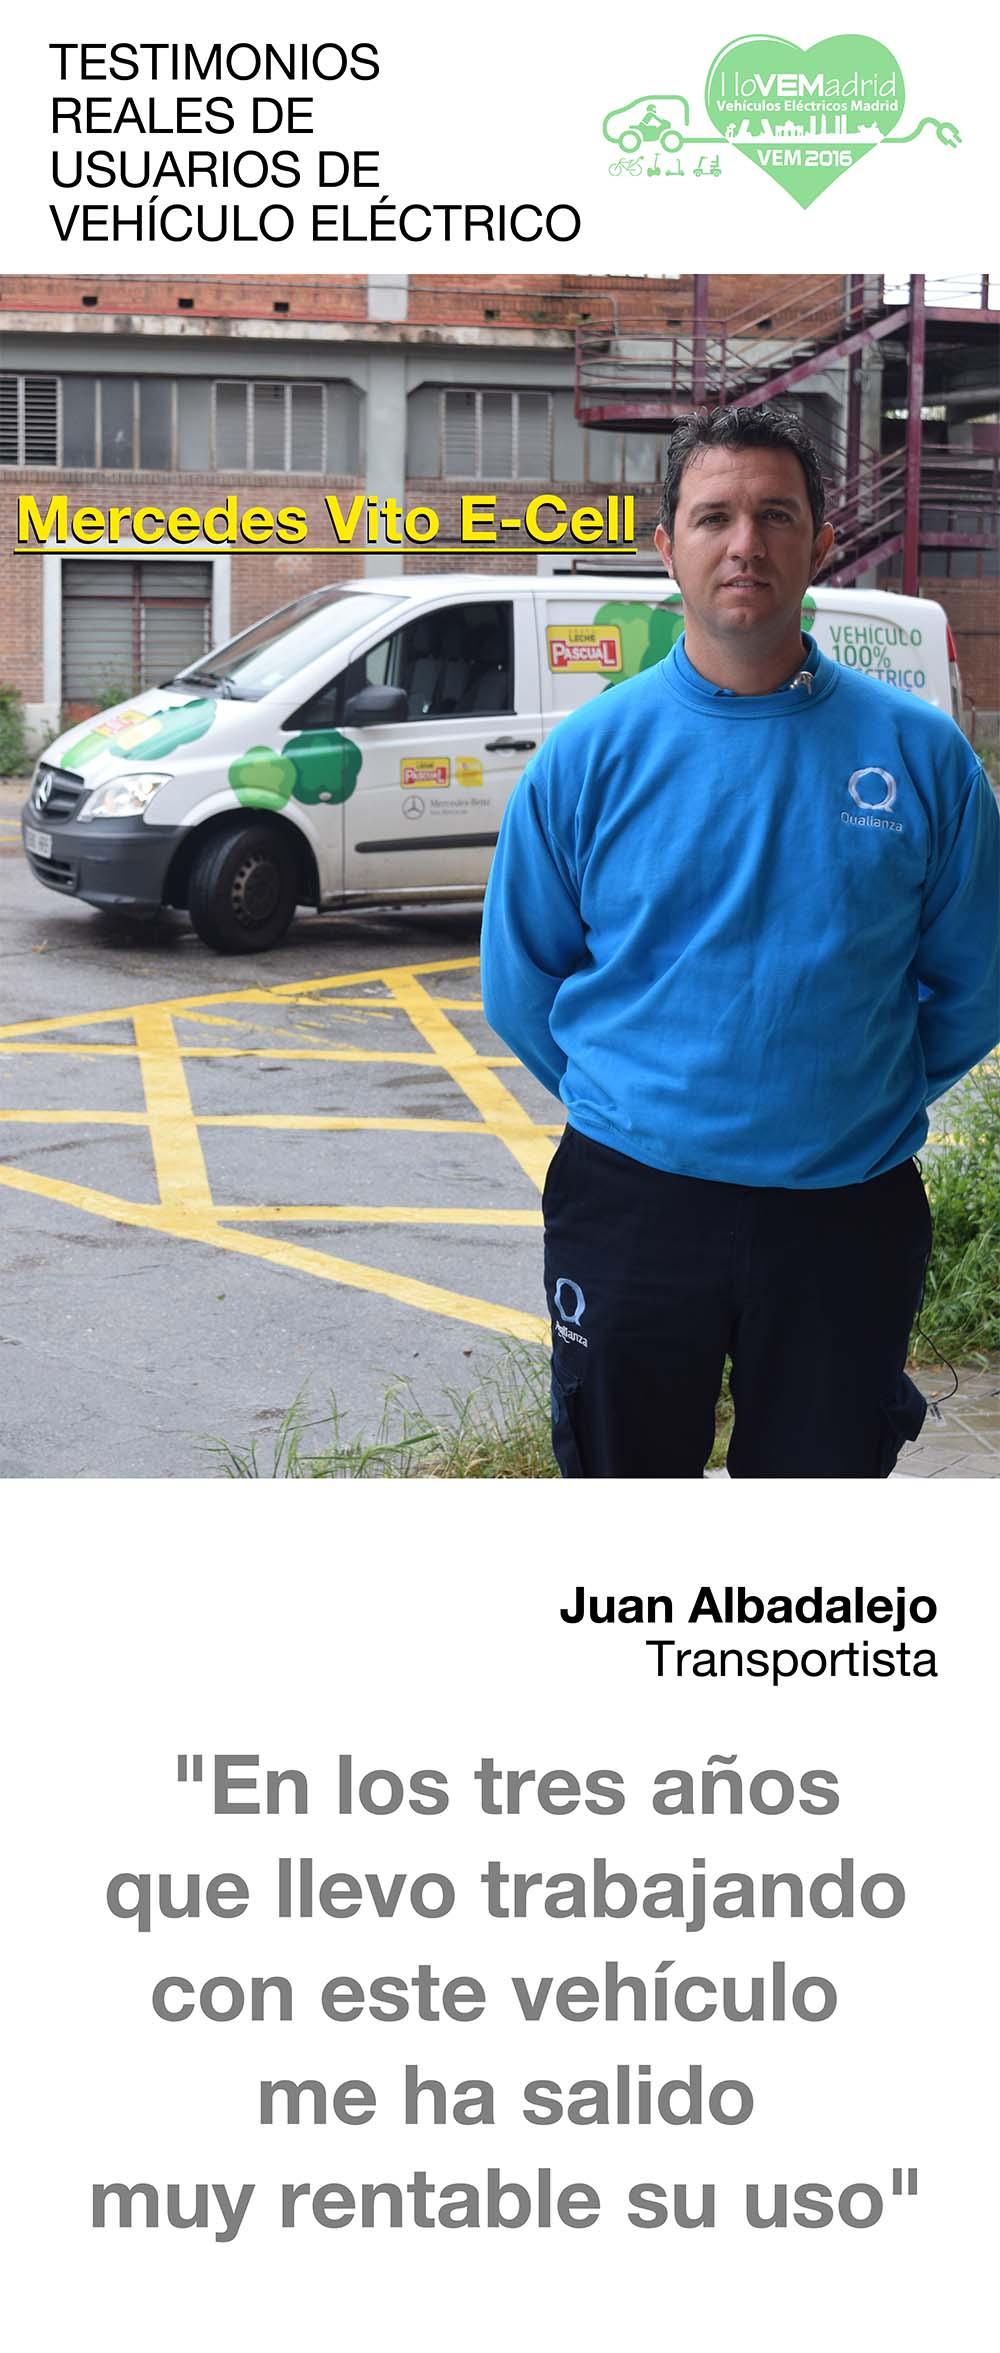 Juan Albadalejo